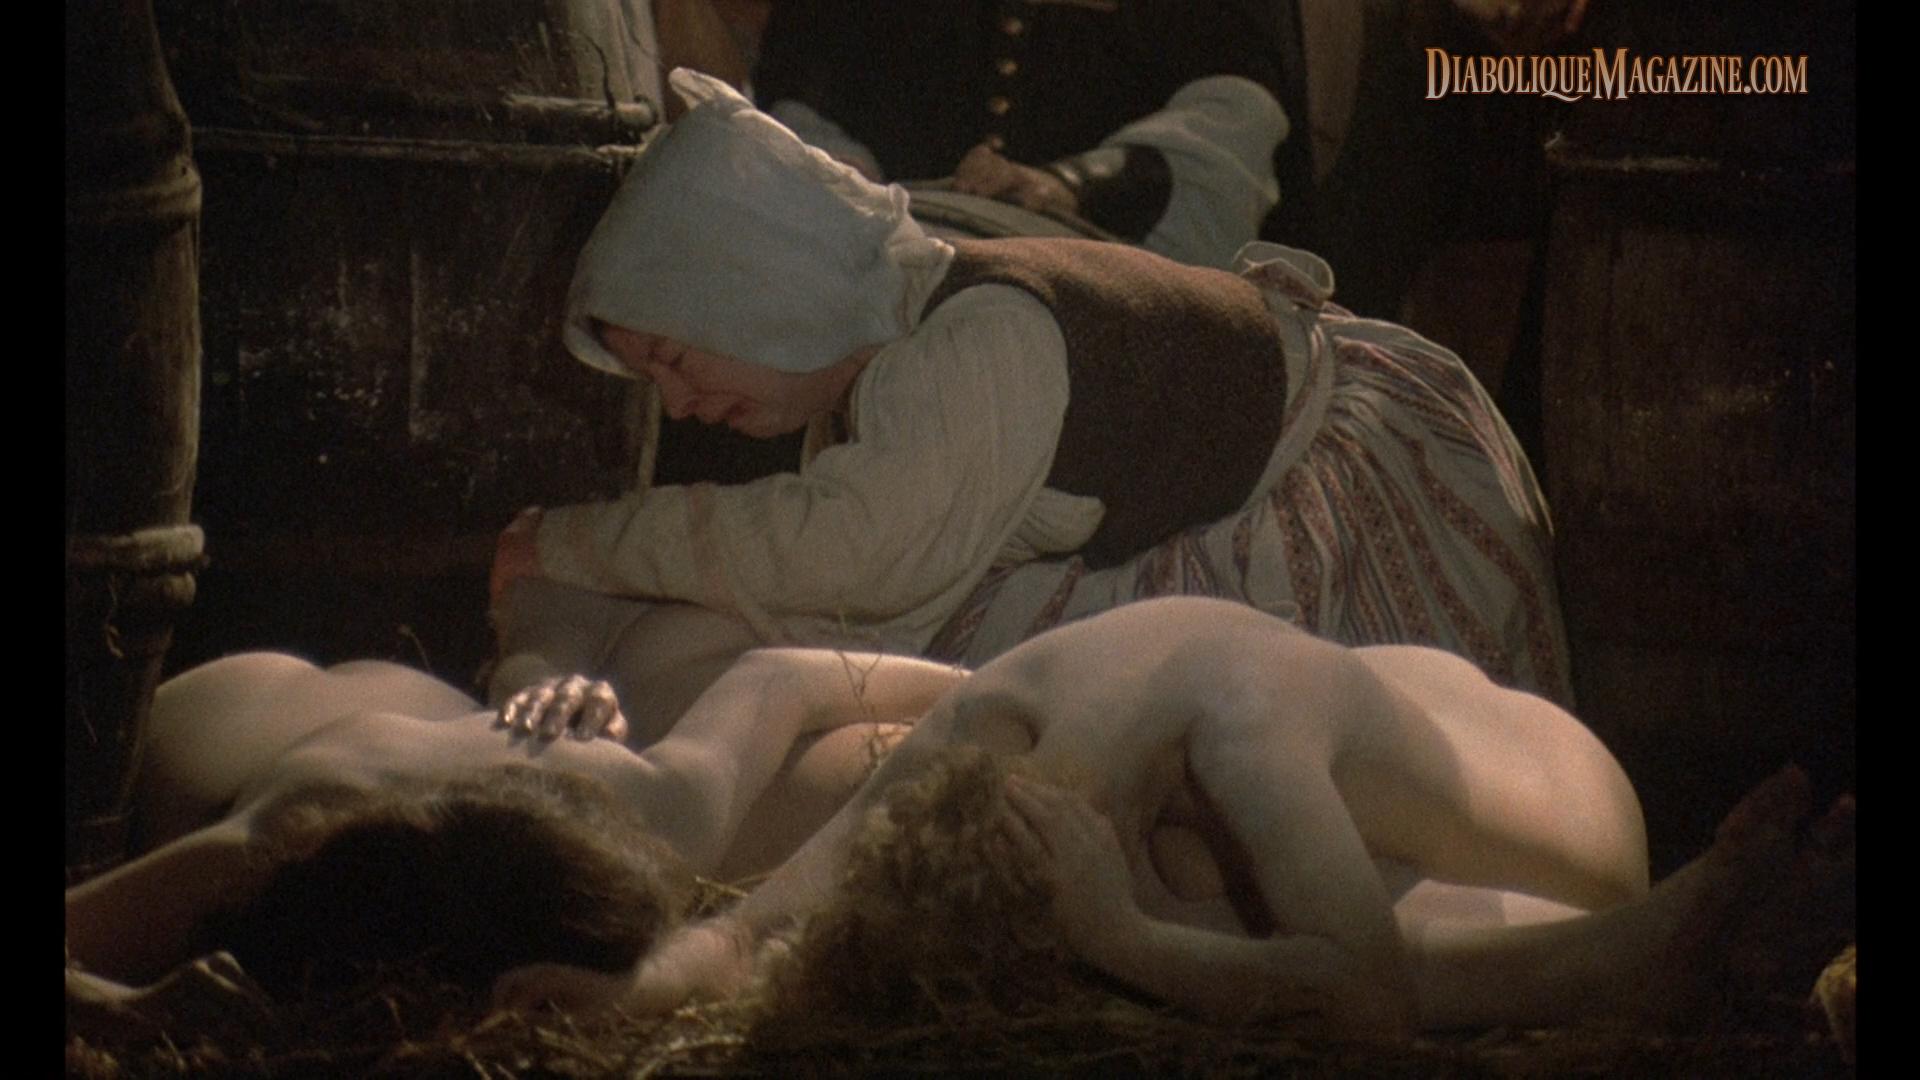 bram stoker s dracula nude scene